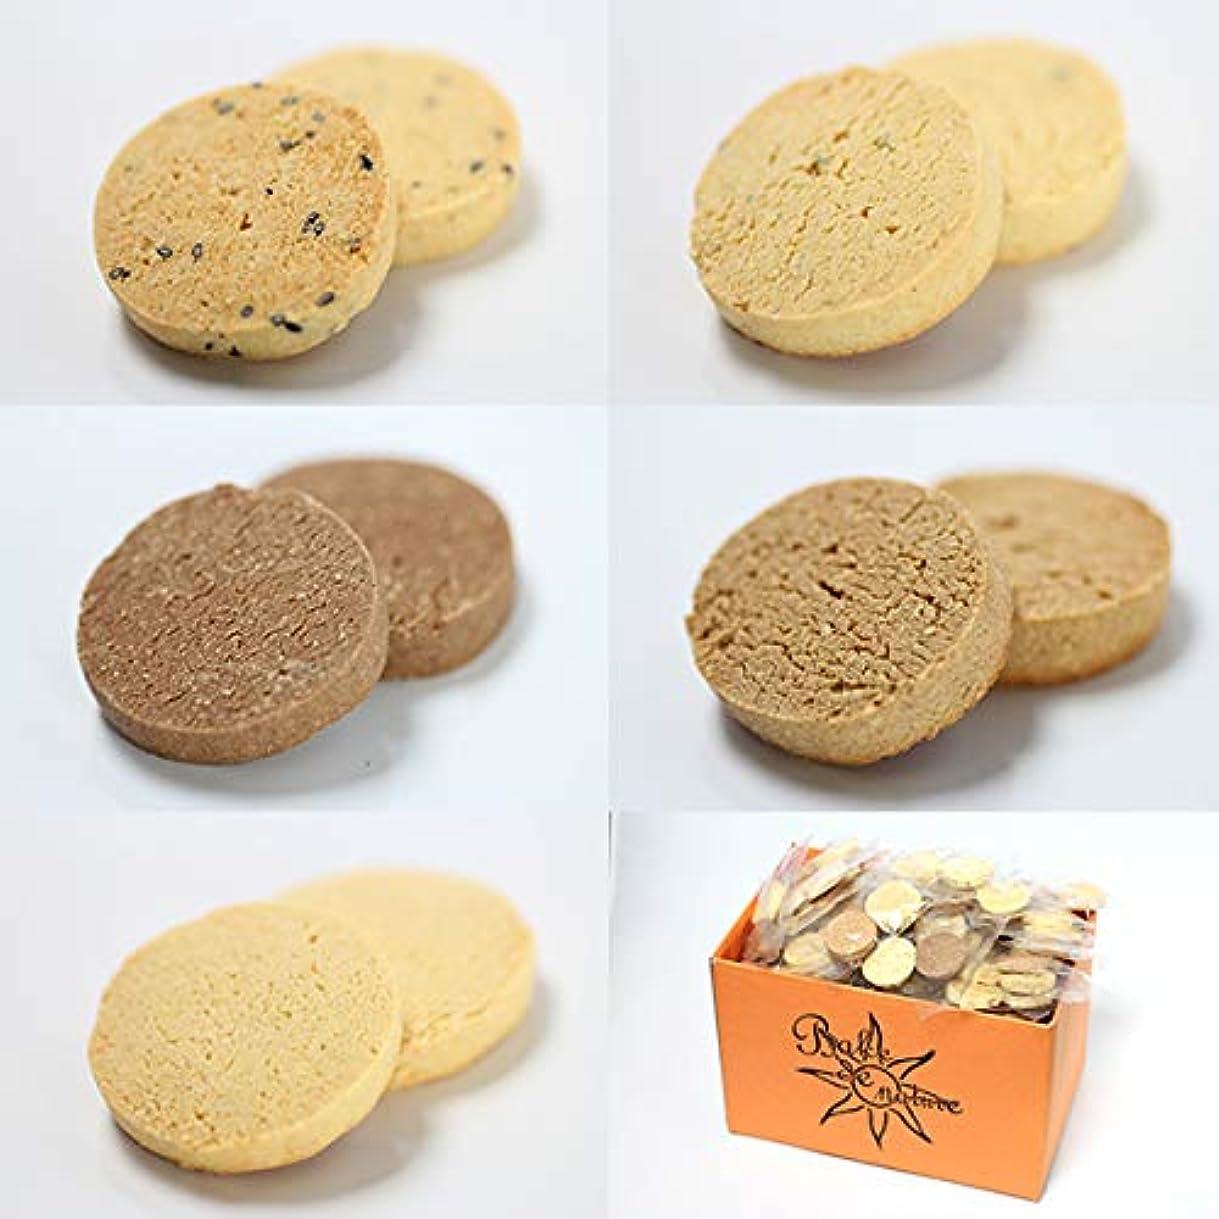 八百屋さん馬力上回る新感覚!大人気5種類!Triple Free 豆乳おからクッキー 1kg(個包装)小麦粉不使用のダイエットクッキー